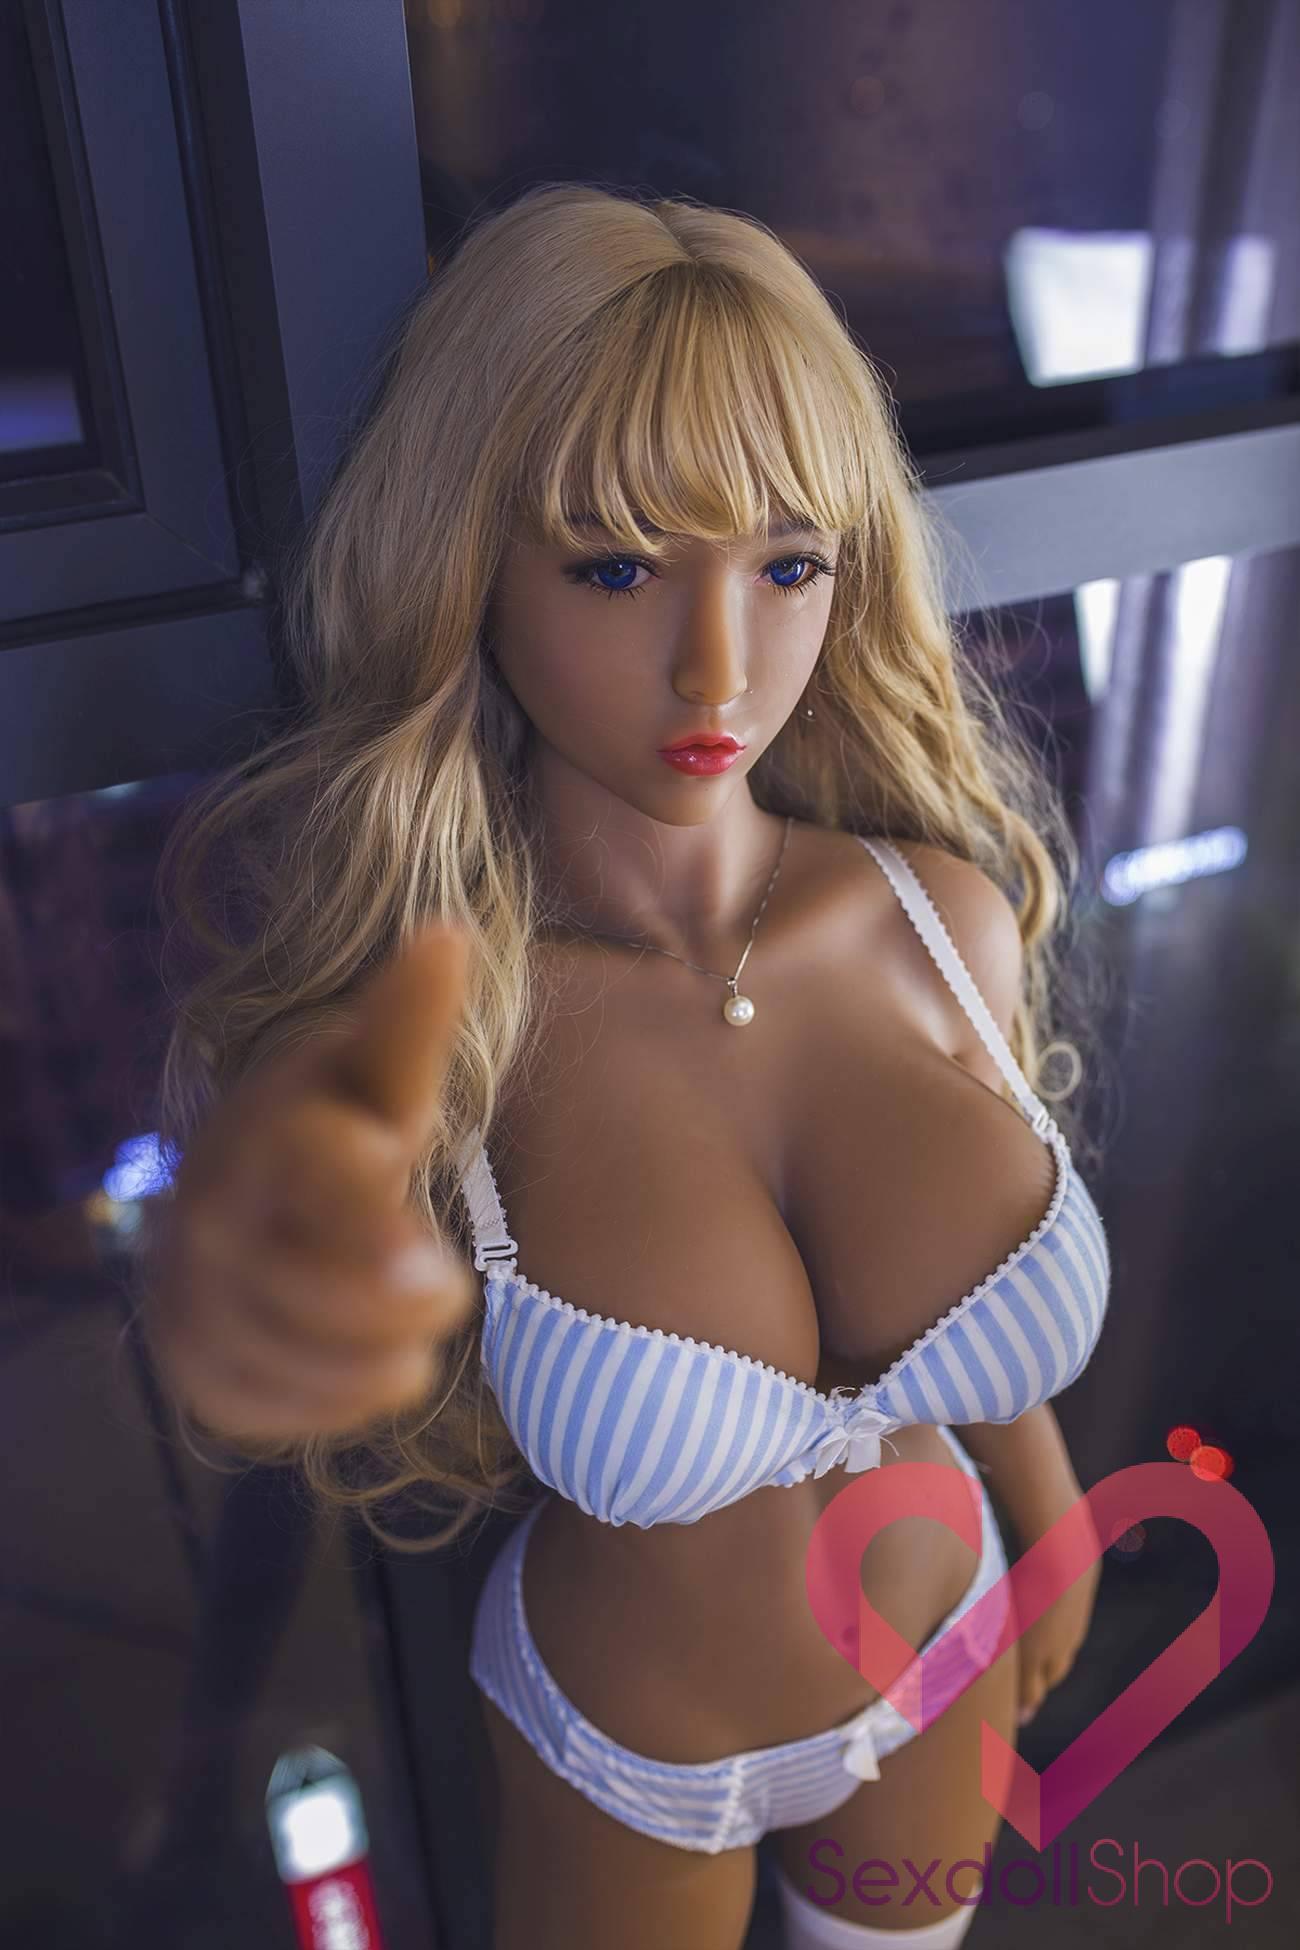 Трахаютия в жопу порно